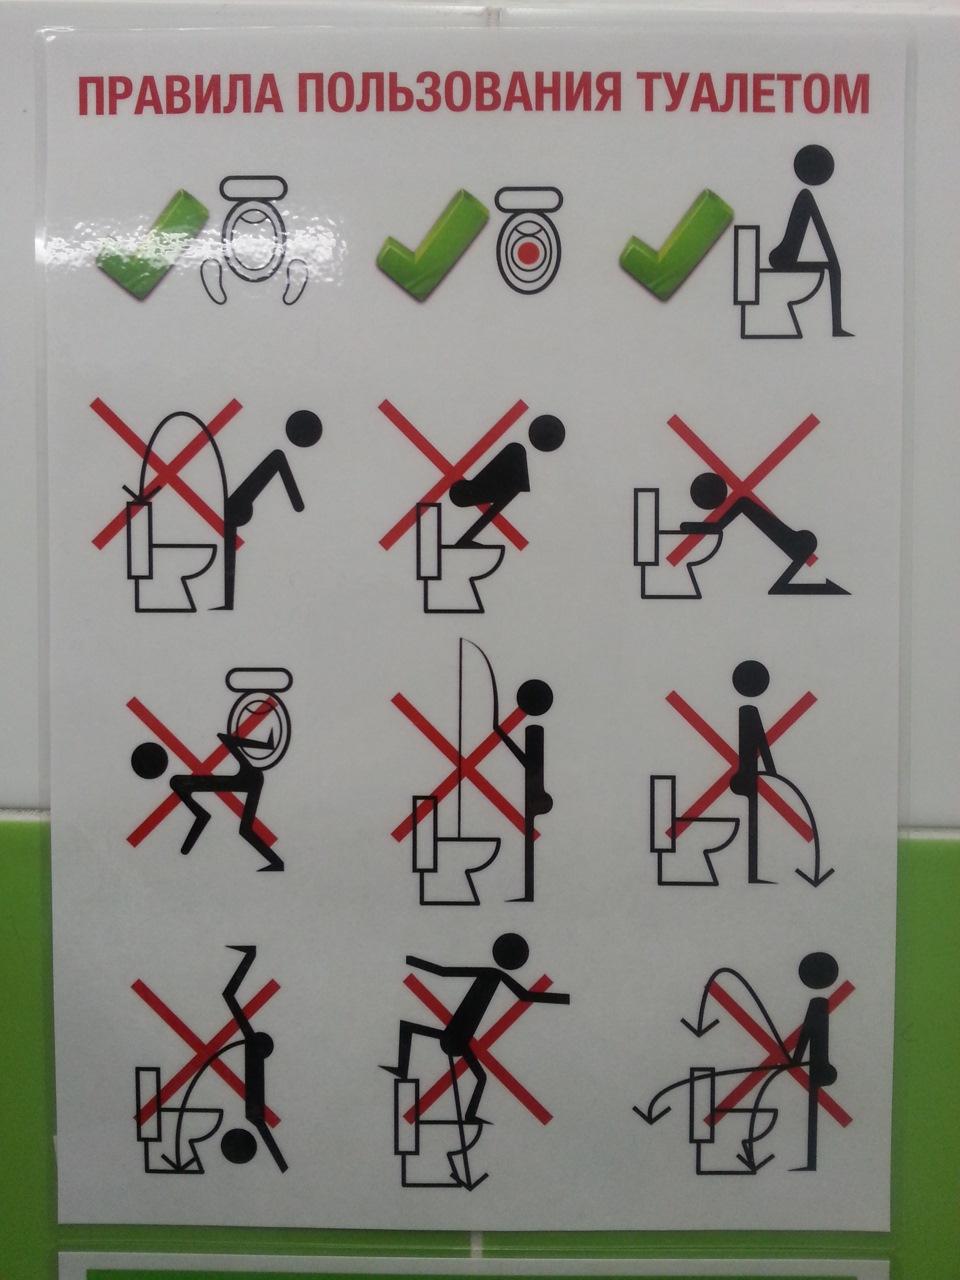 Смешные картинки правила пользования туалетом